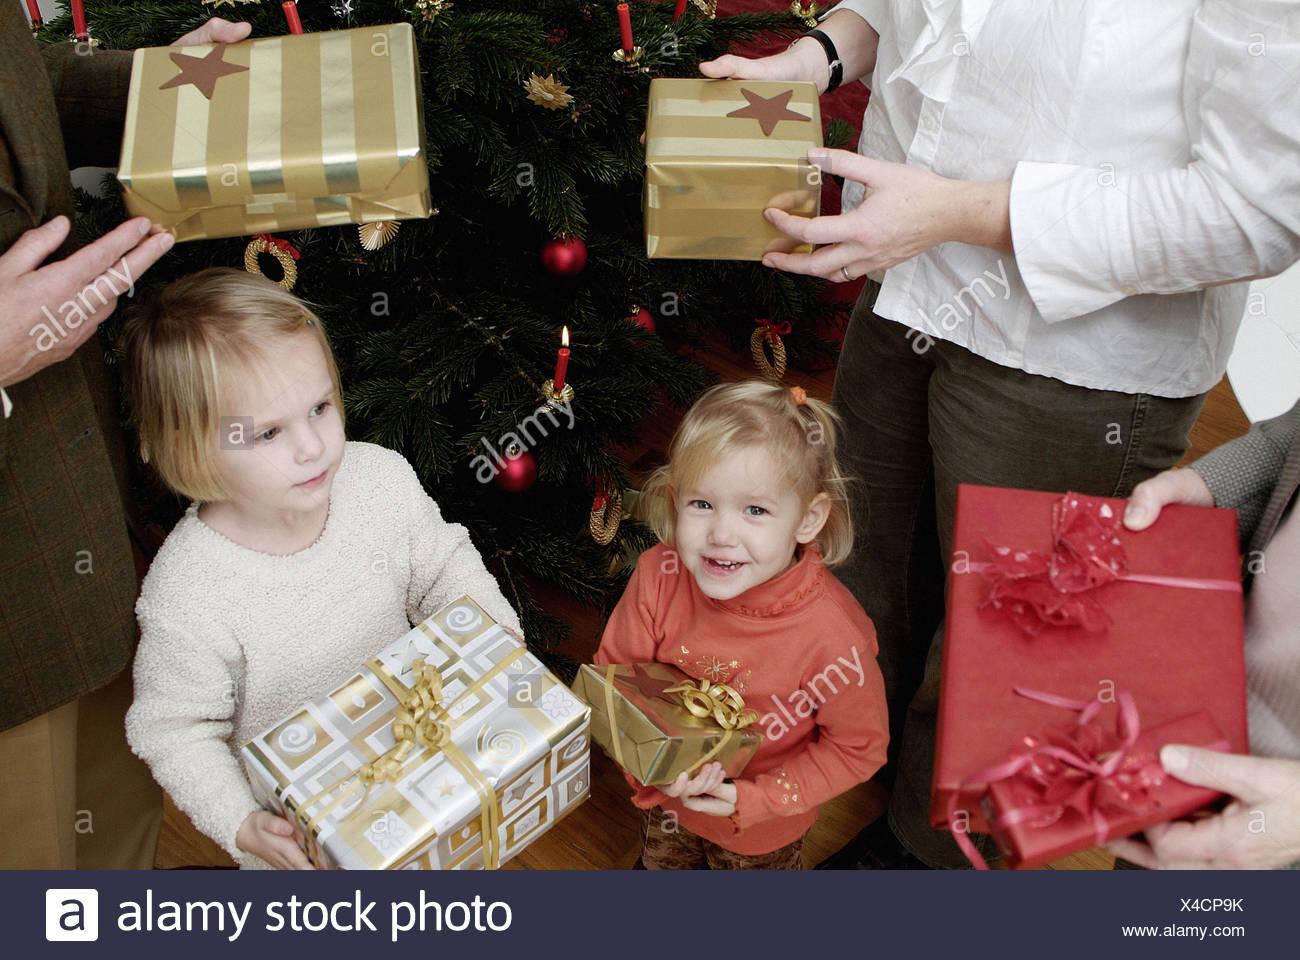 Regali Di Natale Per La Nonna.Albero Di Natale Famiglia Presenta Attesa Dettaglio Genitori